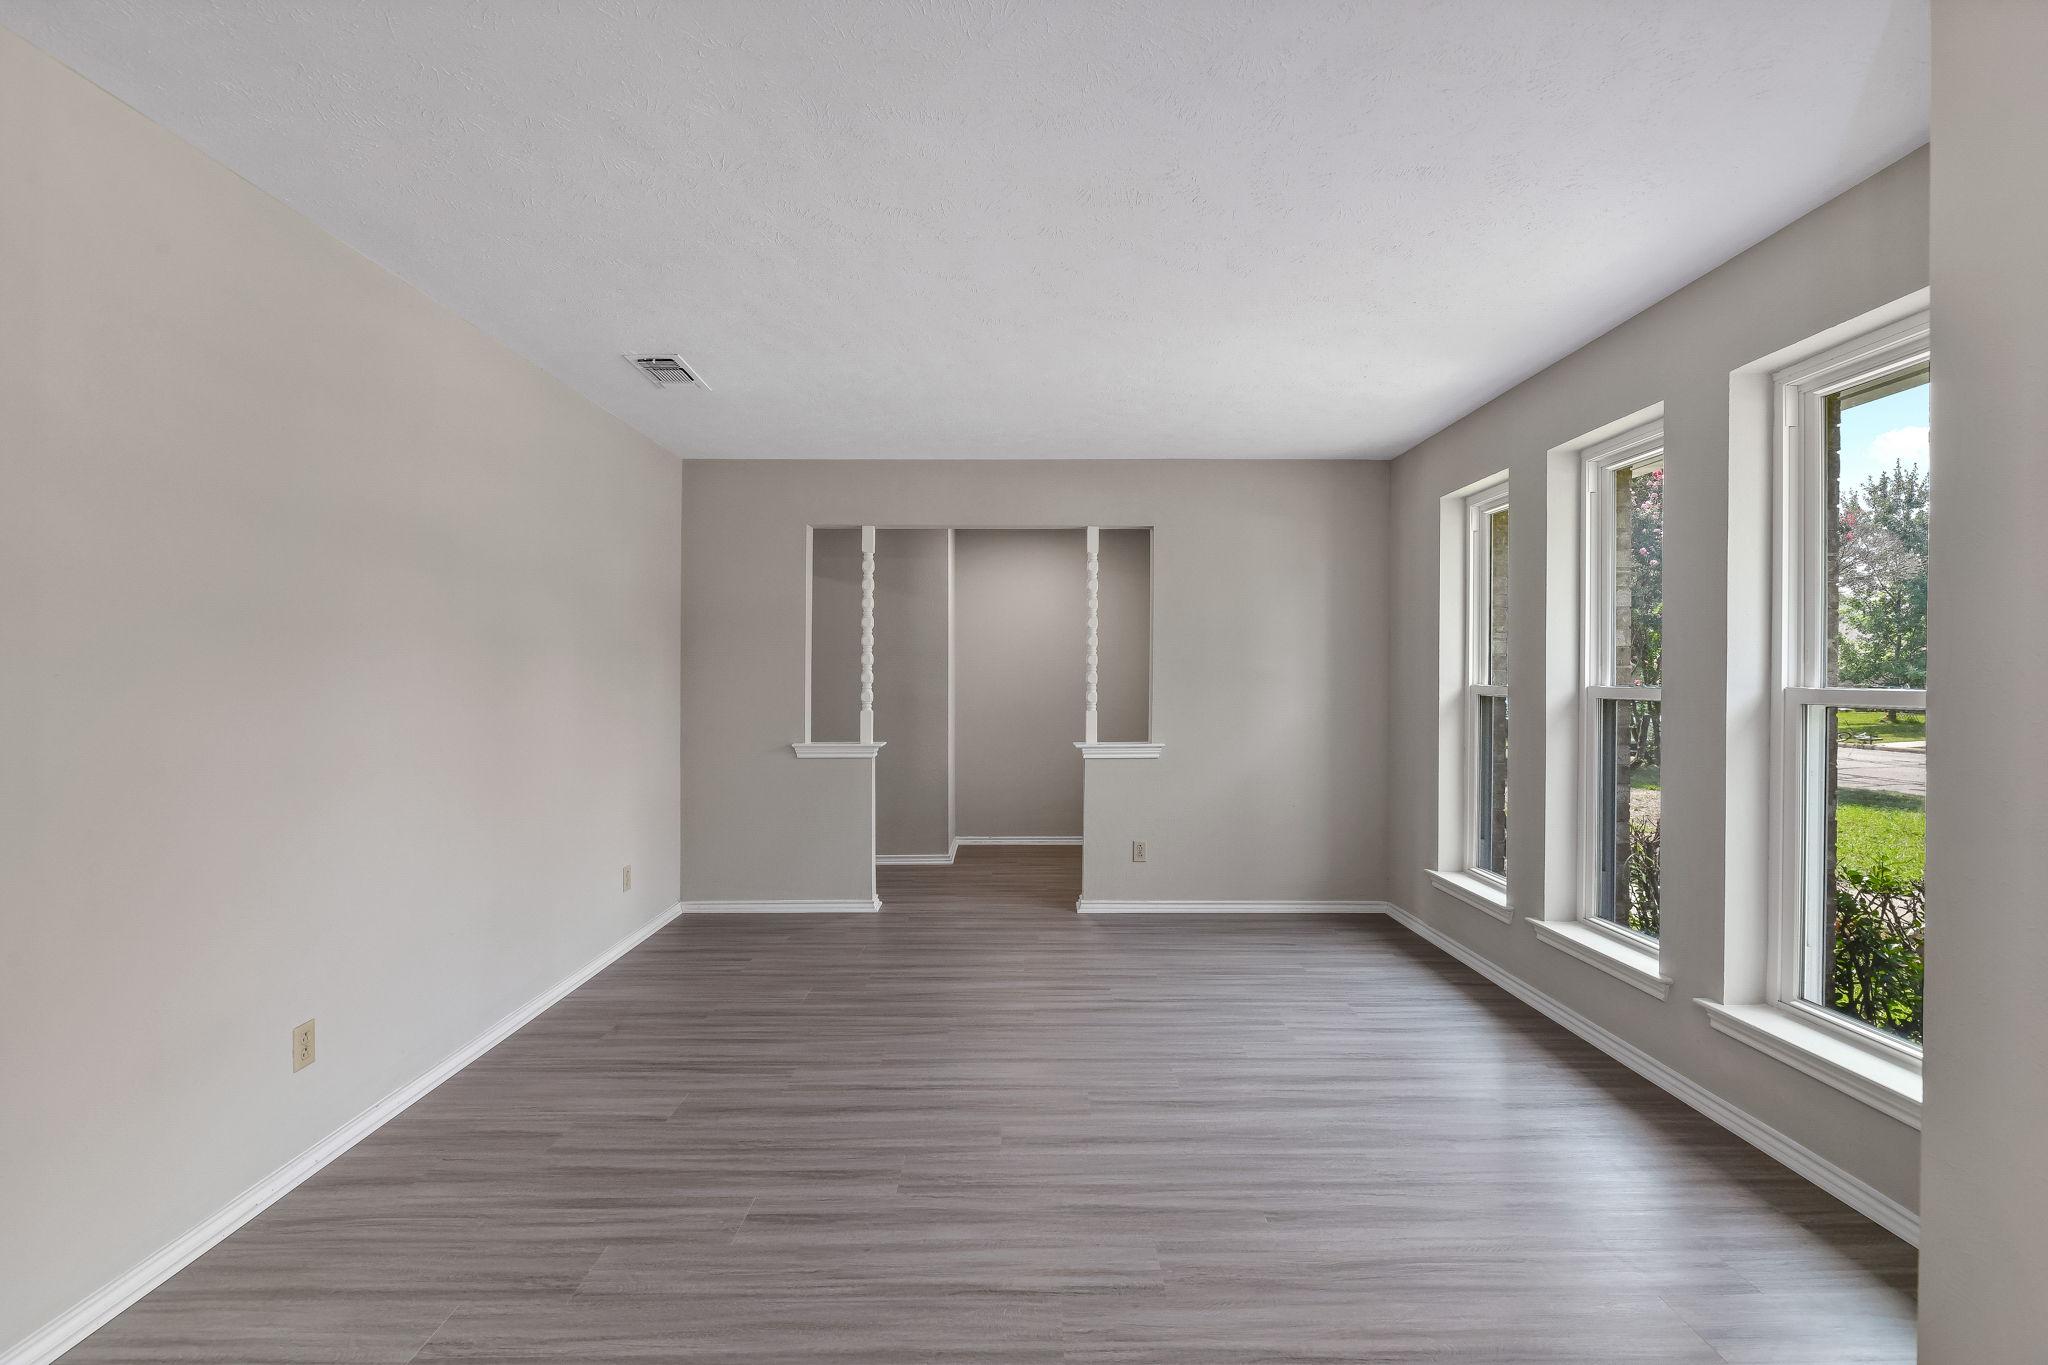 005-Living Room-FULL